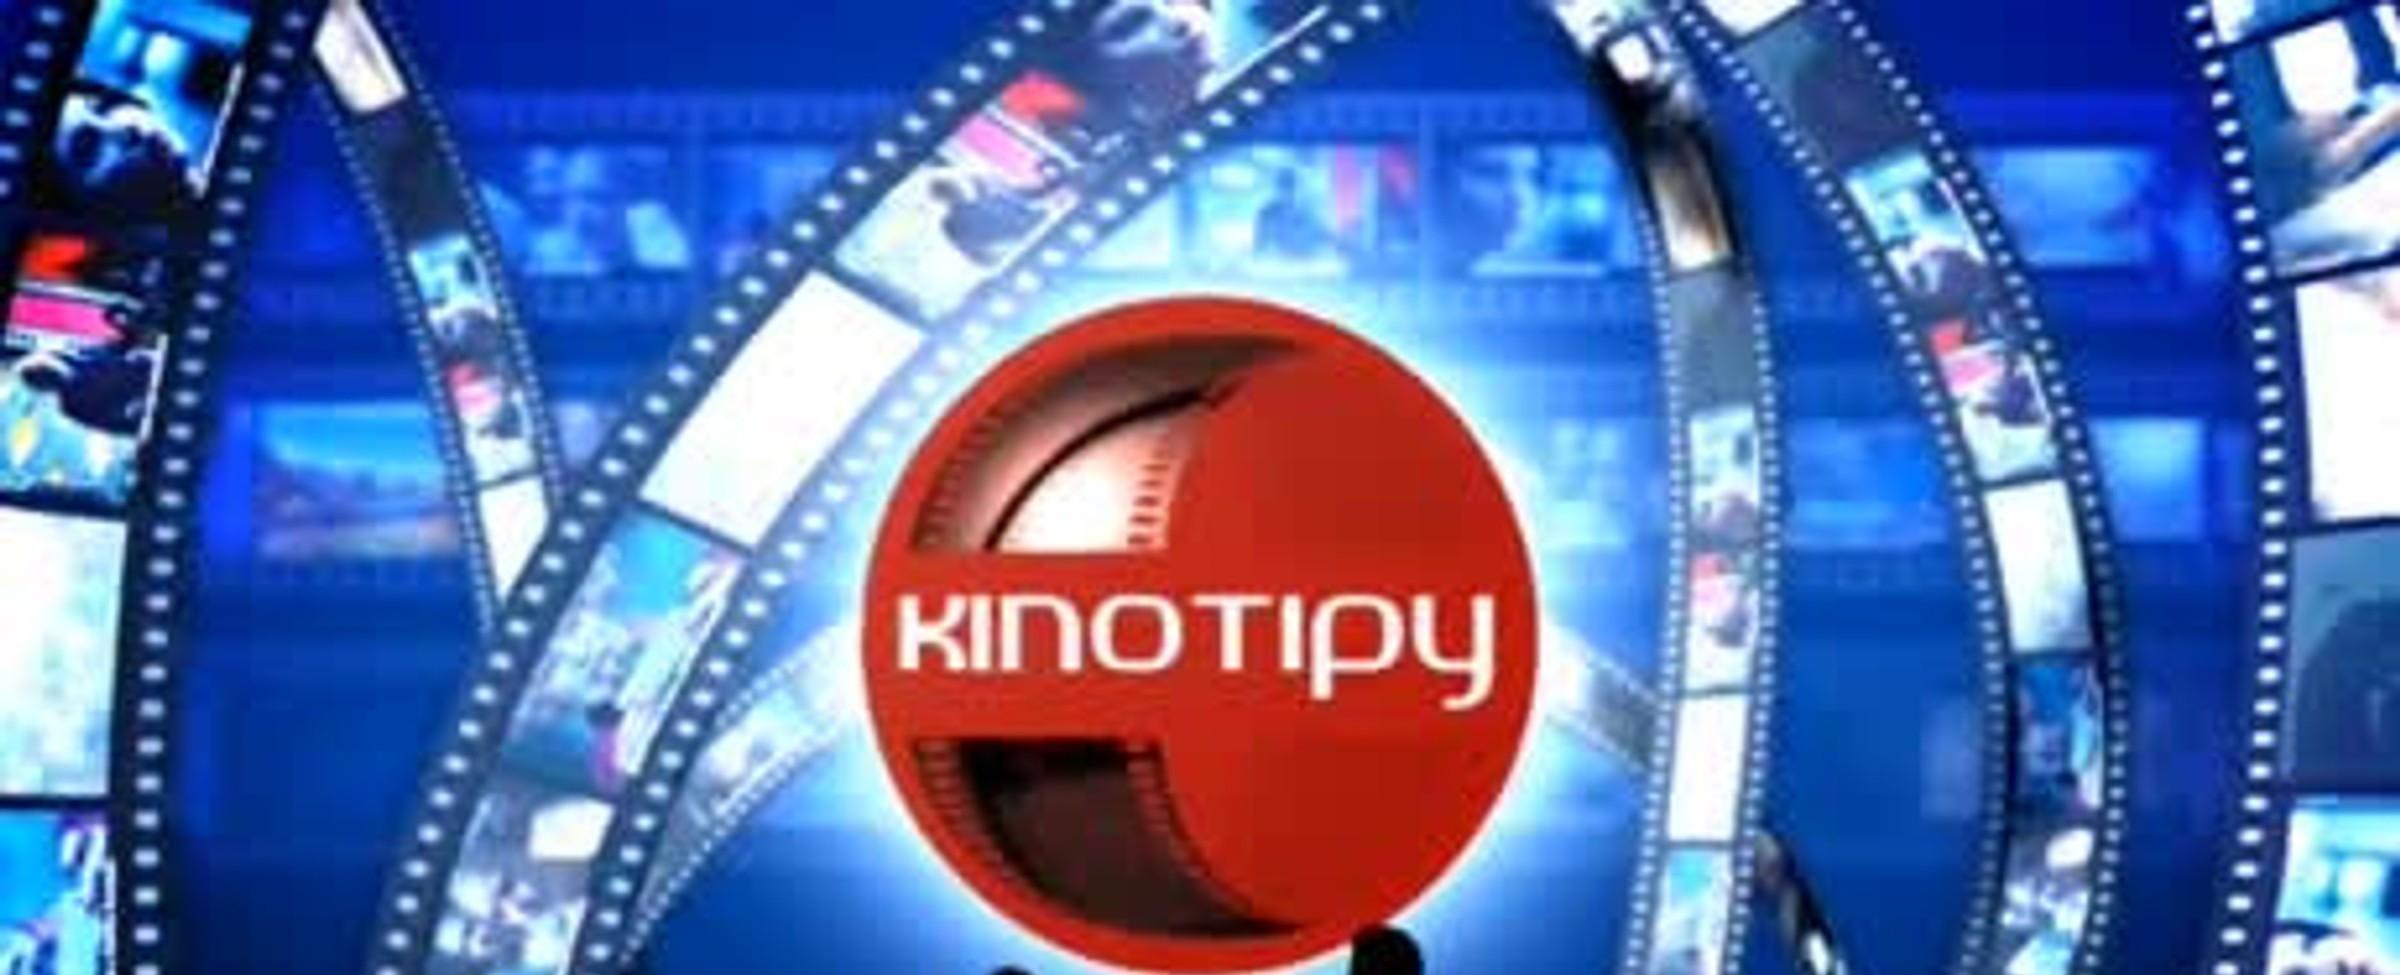 Kinotipy